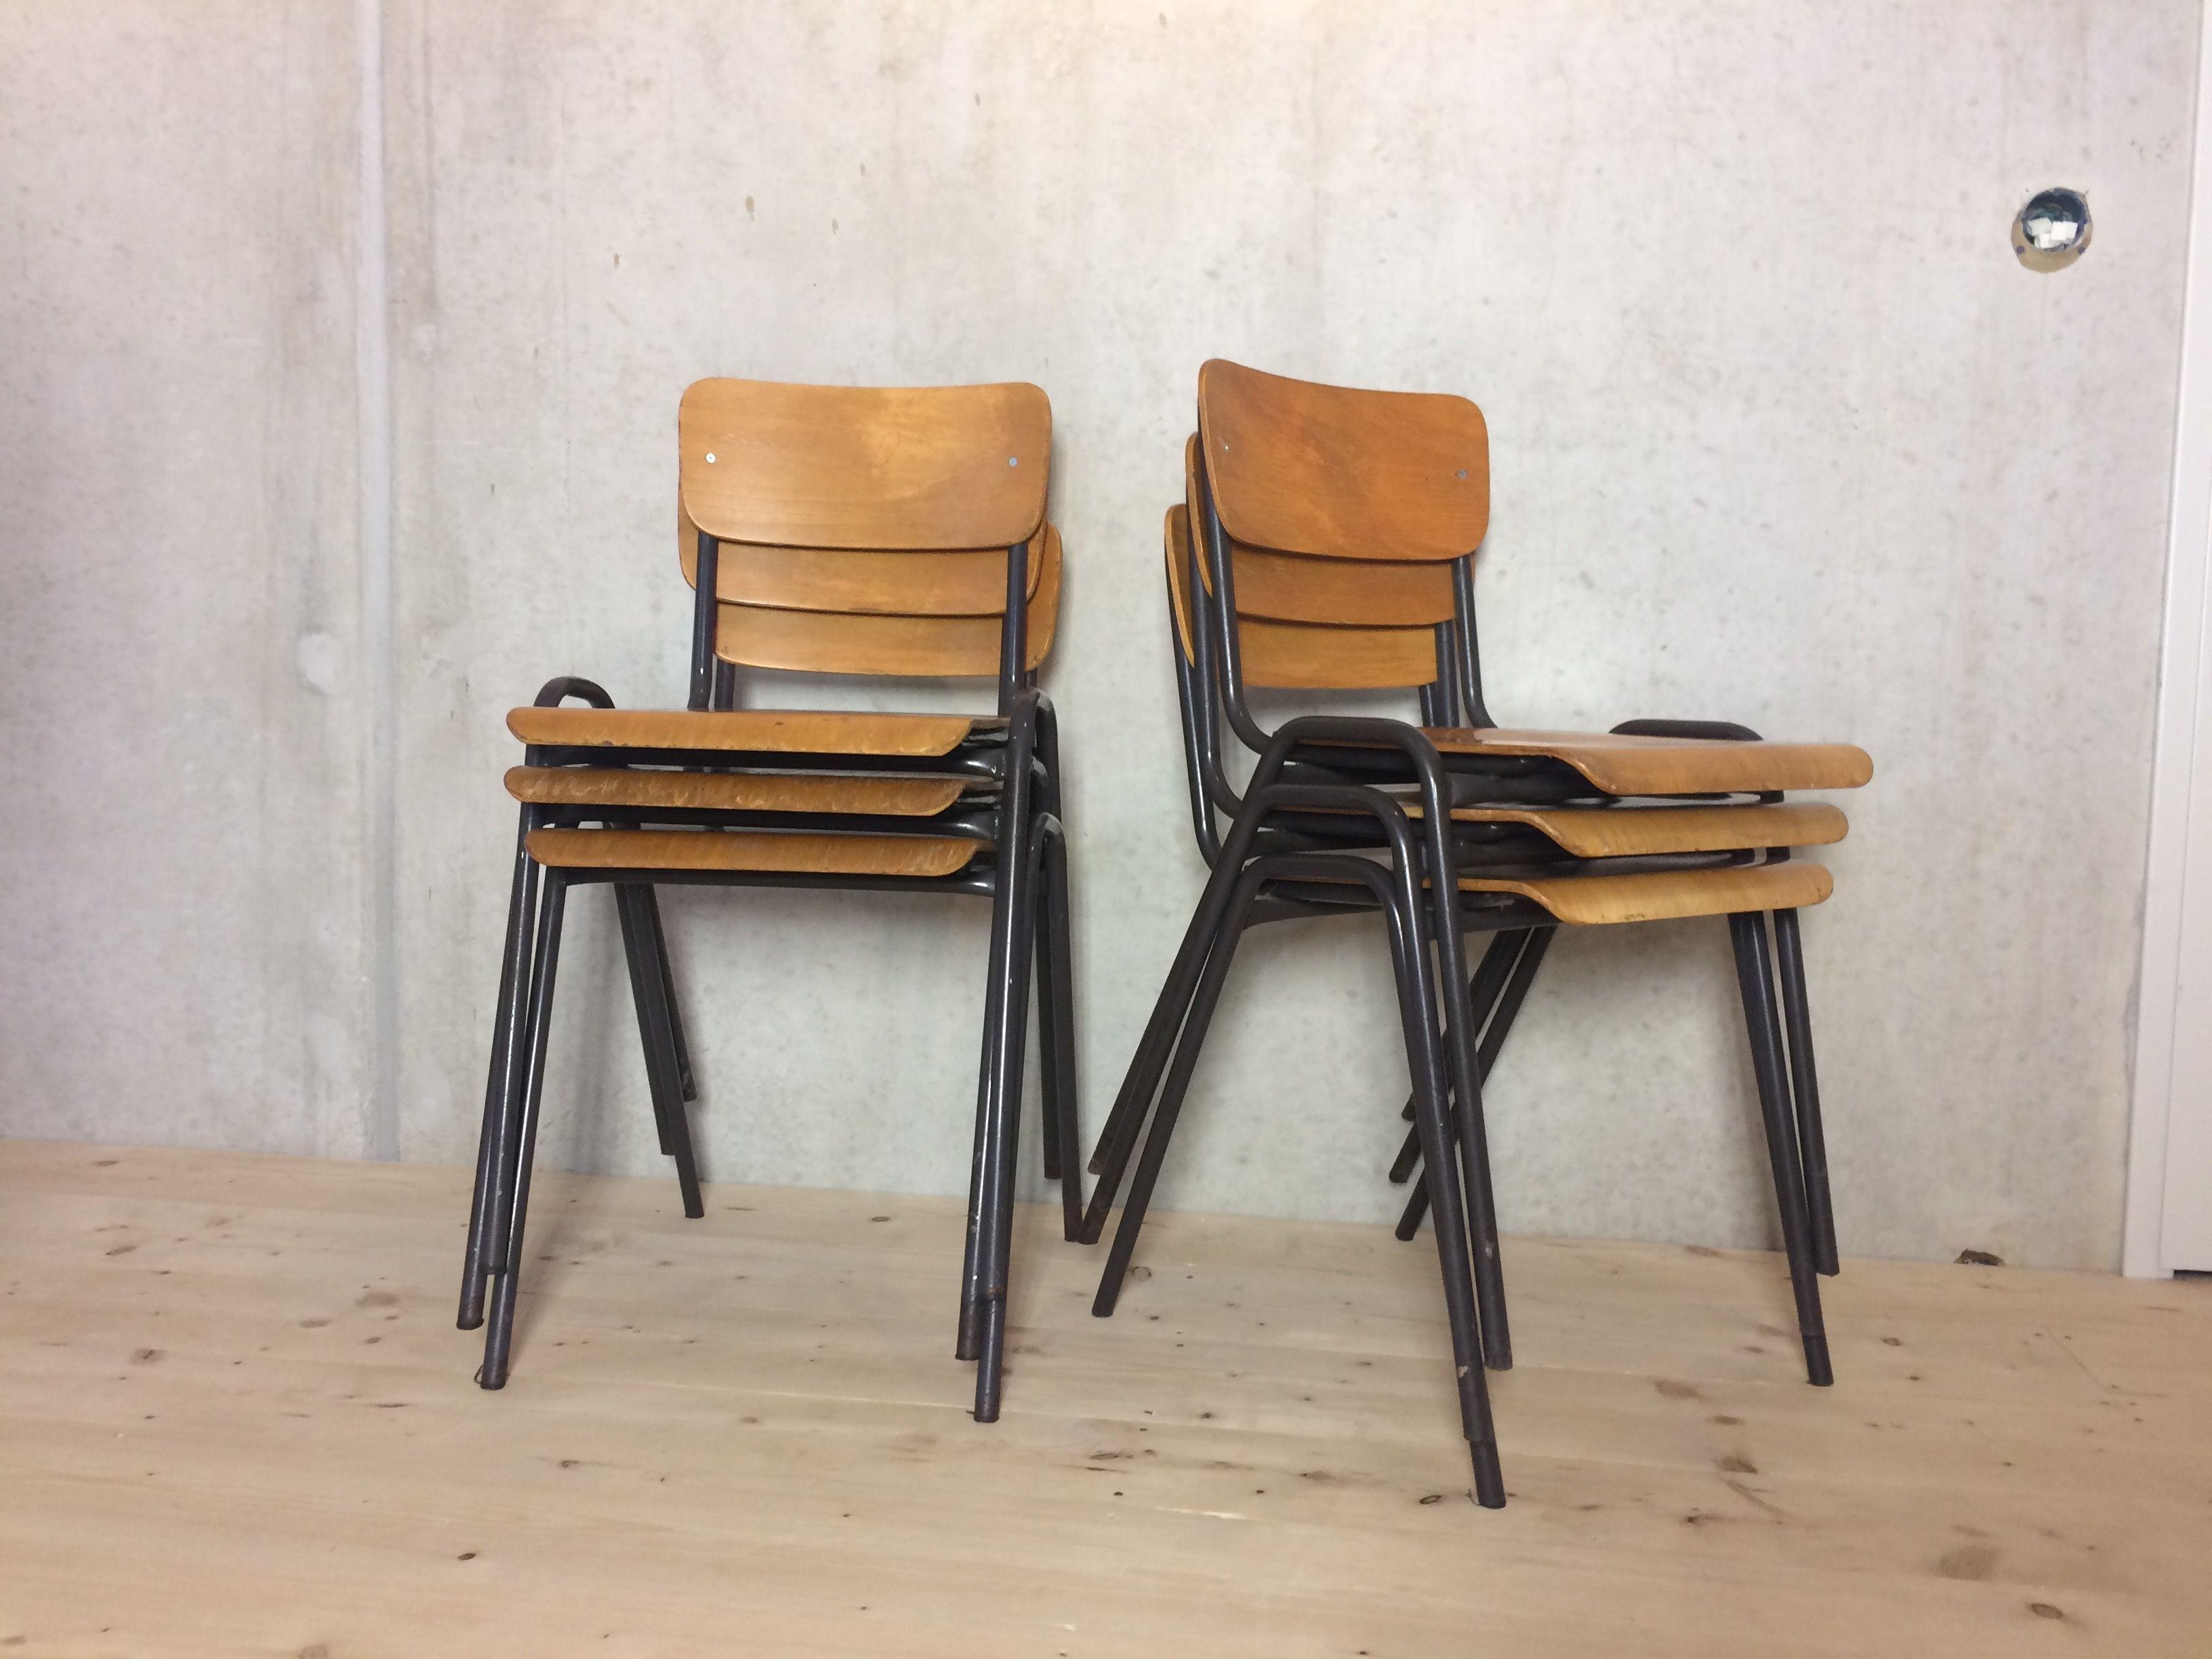 sechs Stahlrohr Stühle | Pinterest | Stahlrohr, Industriedesign und ...